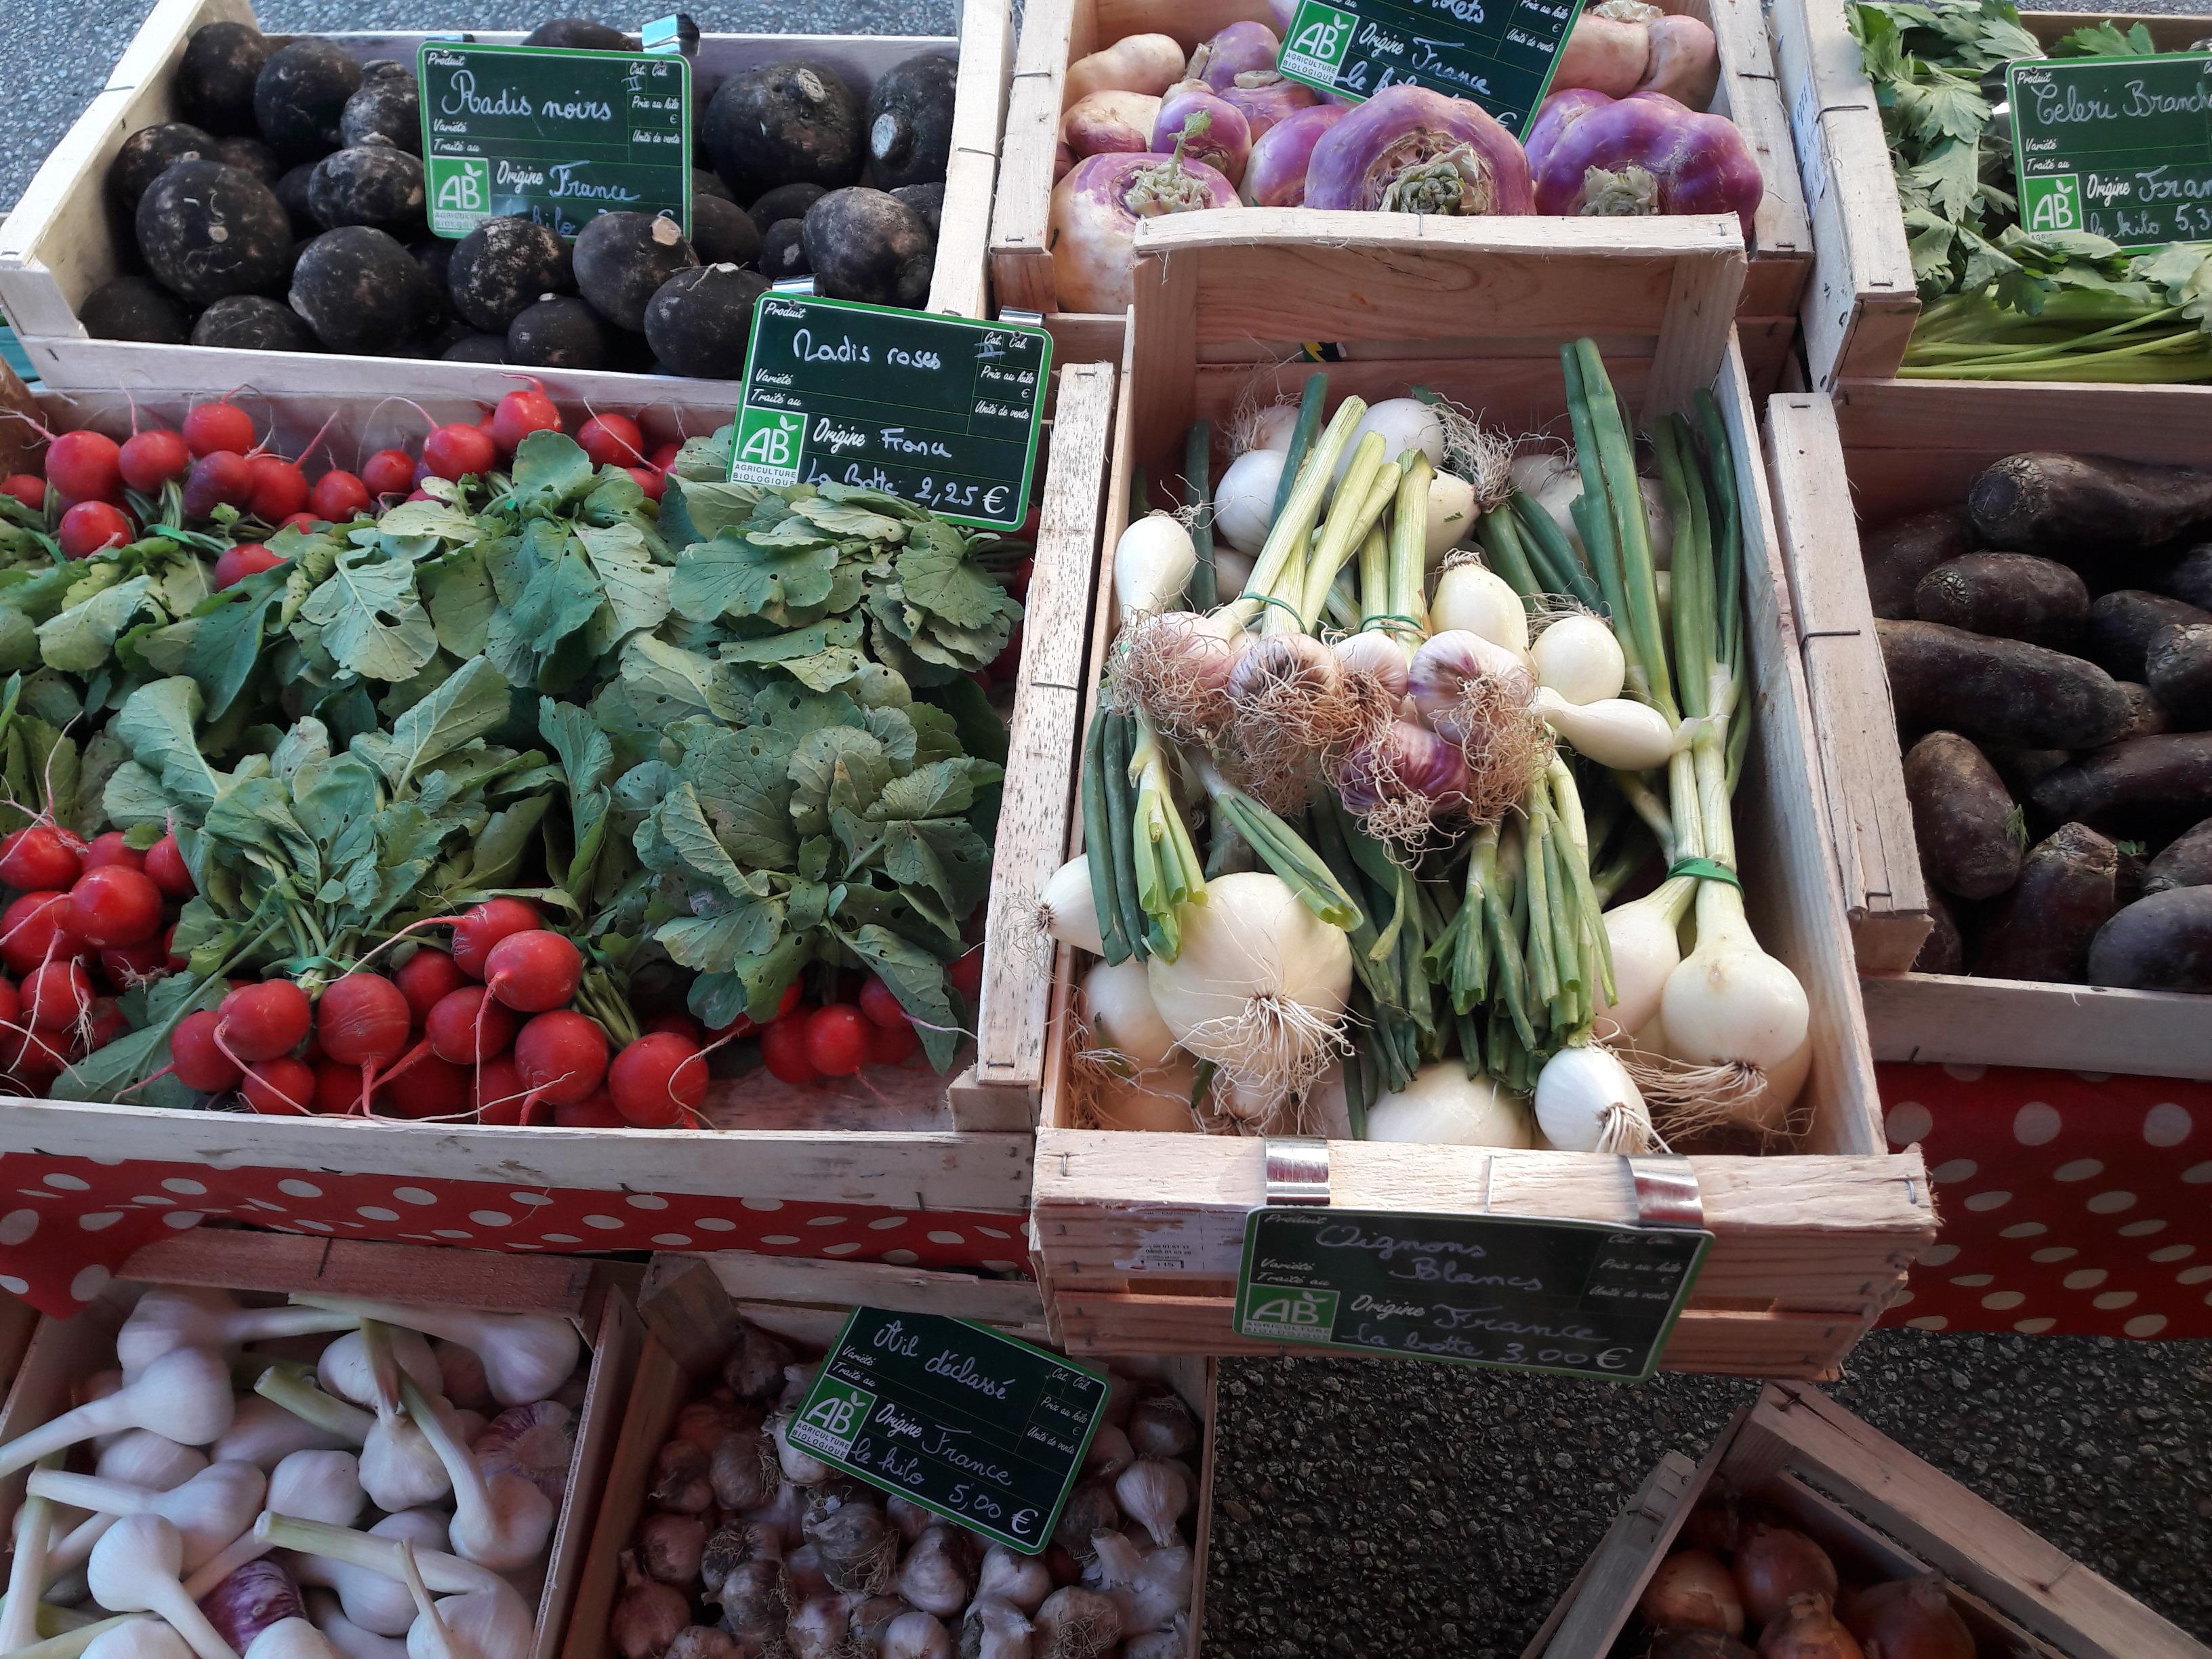 Un étalage de fruits et légumes de printemps, épicerie itinérante bio en Limousin, Nouvelle-Aquitaine